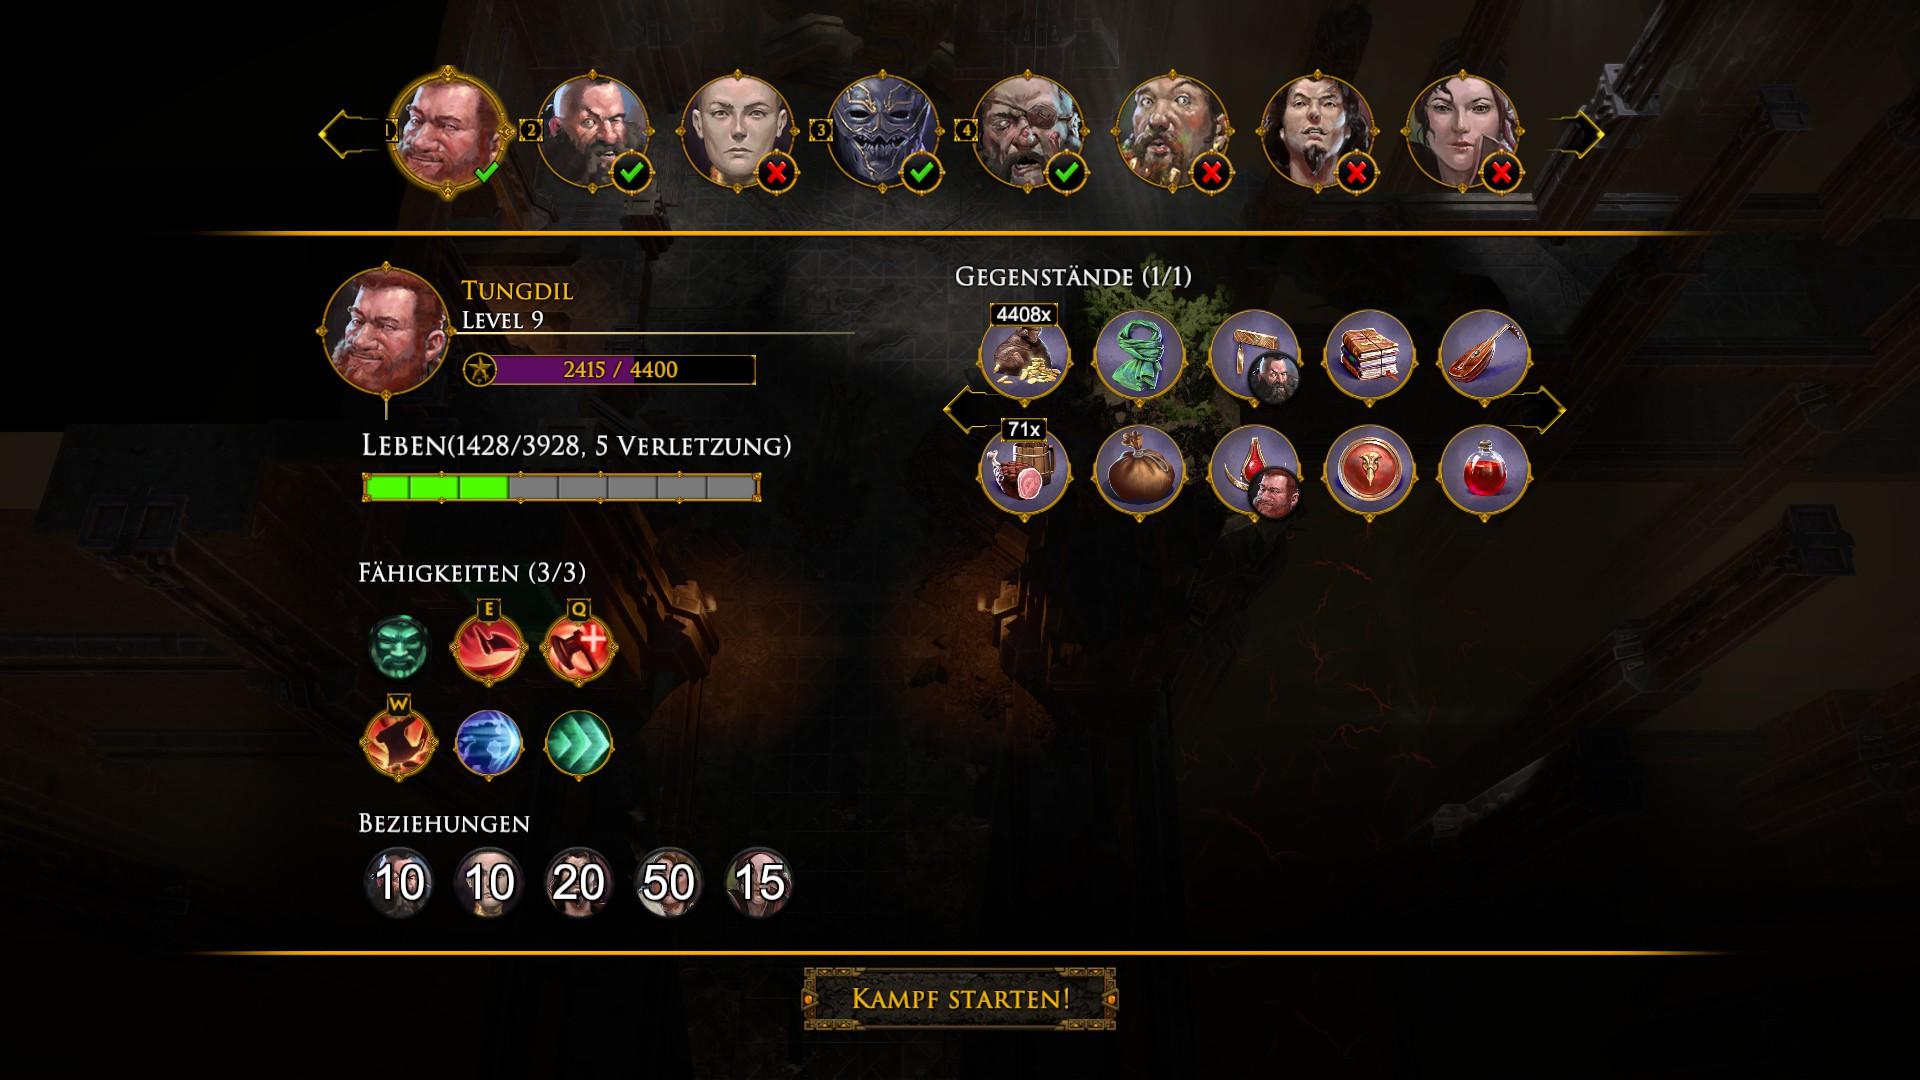 Die Zwerge - Helden Auswahl - Tungdil